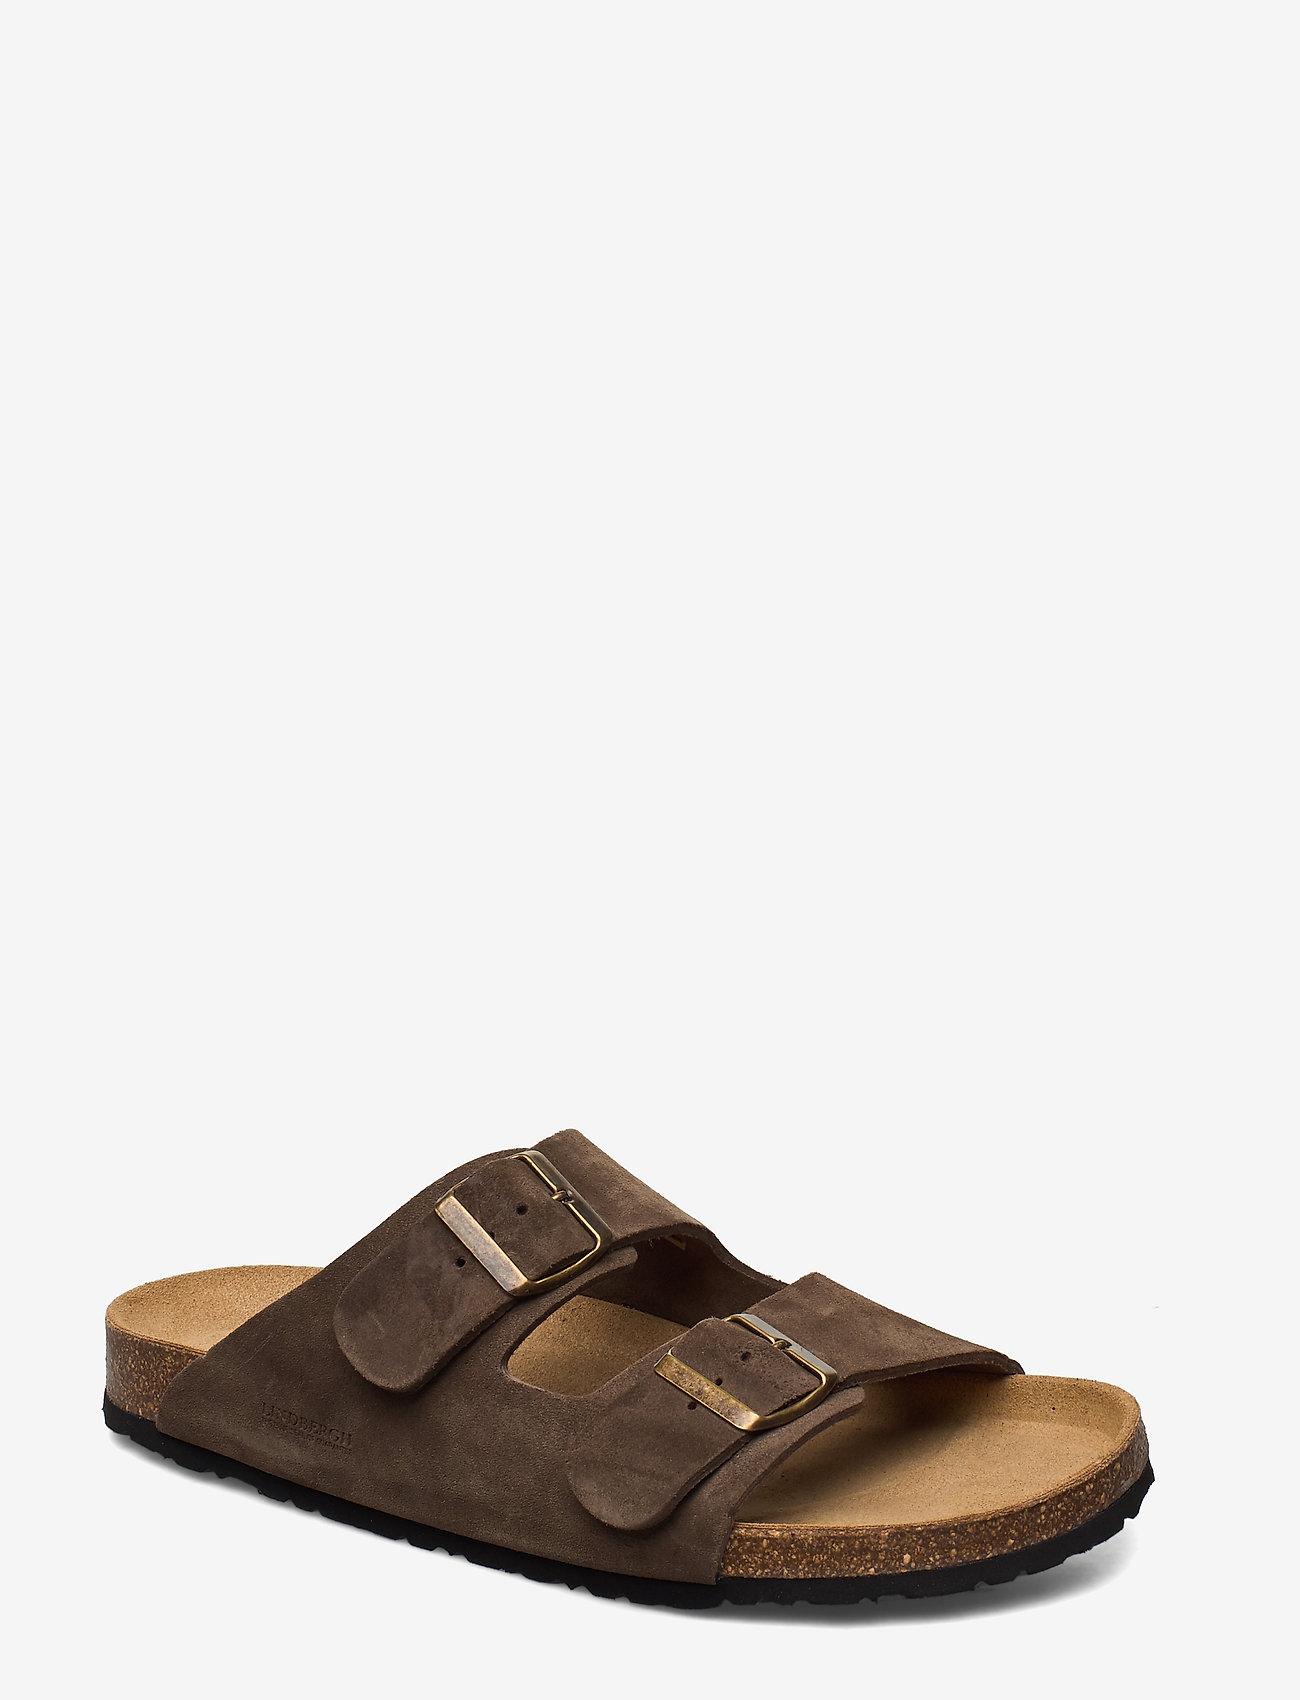 Lindbergh - Suede sandal - sandals - sand